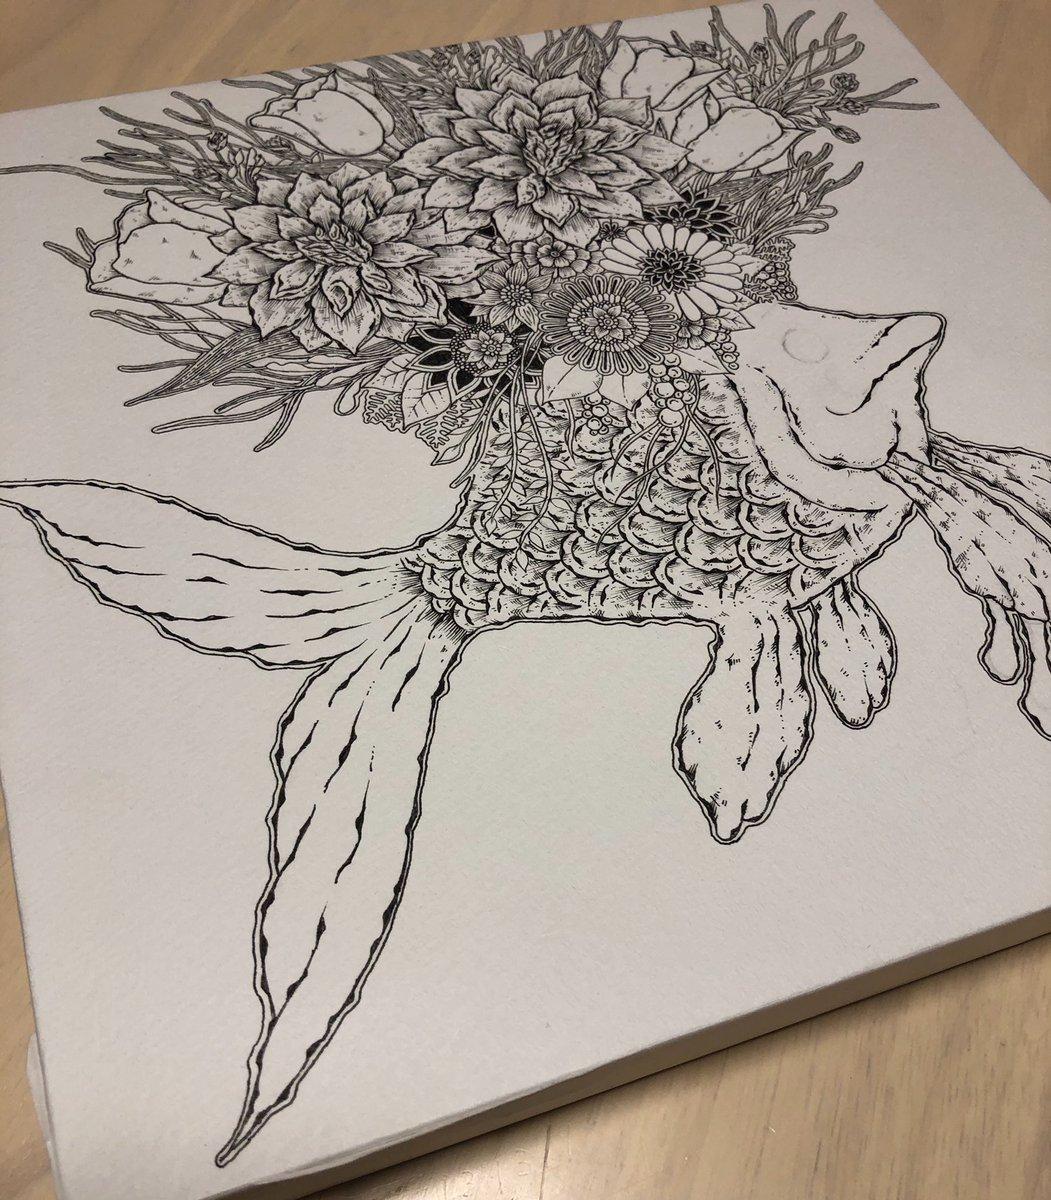 進捗。  8月にお披露目します…  雰囲気と感覚で描いてます。今回はちょこっと描きながら下書きも入れながら…  下書きないとバランス怖いのよ…  #ペン画 #細密画 #サカナ #花 https://t.co/YC8AaSsN0x